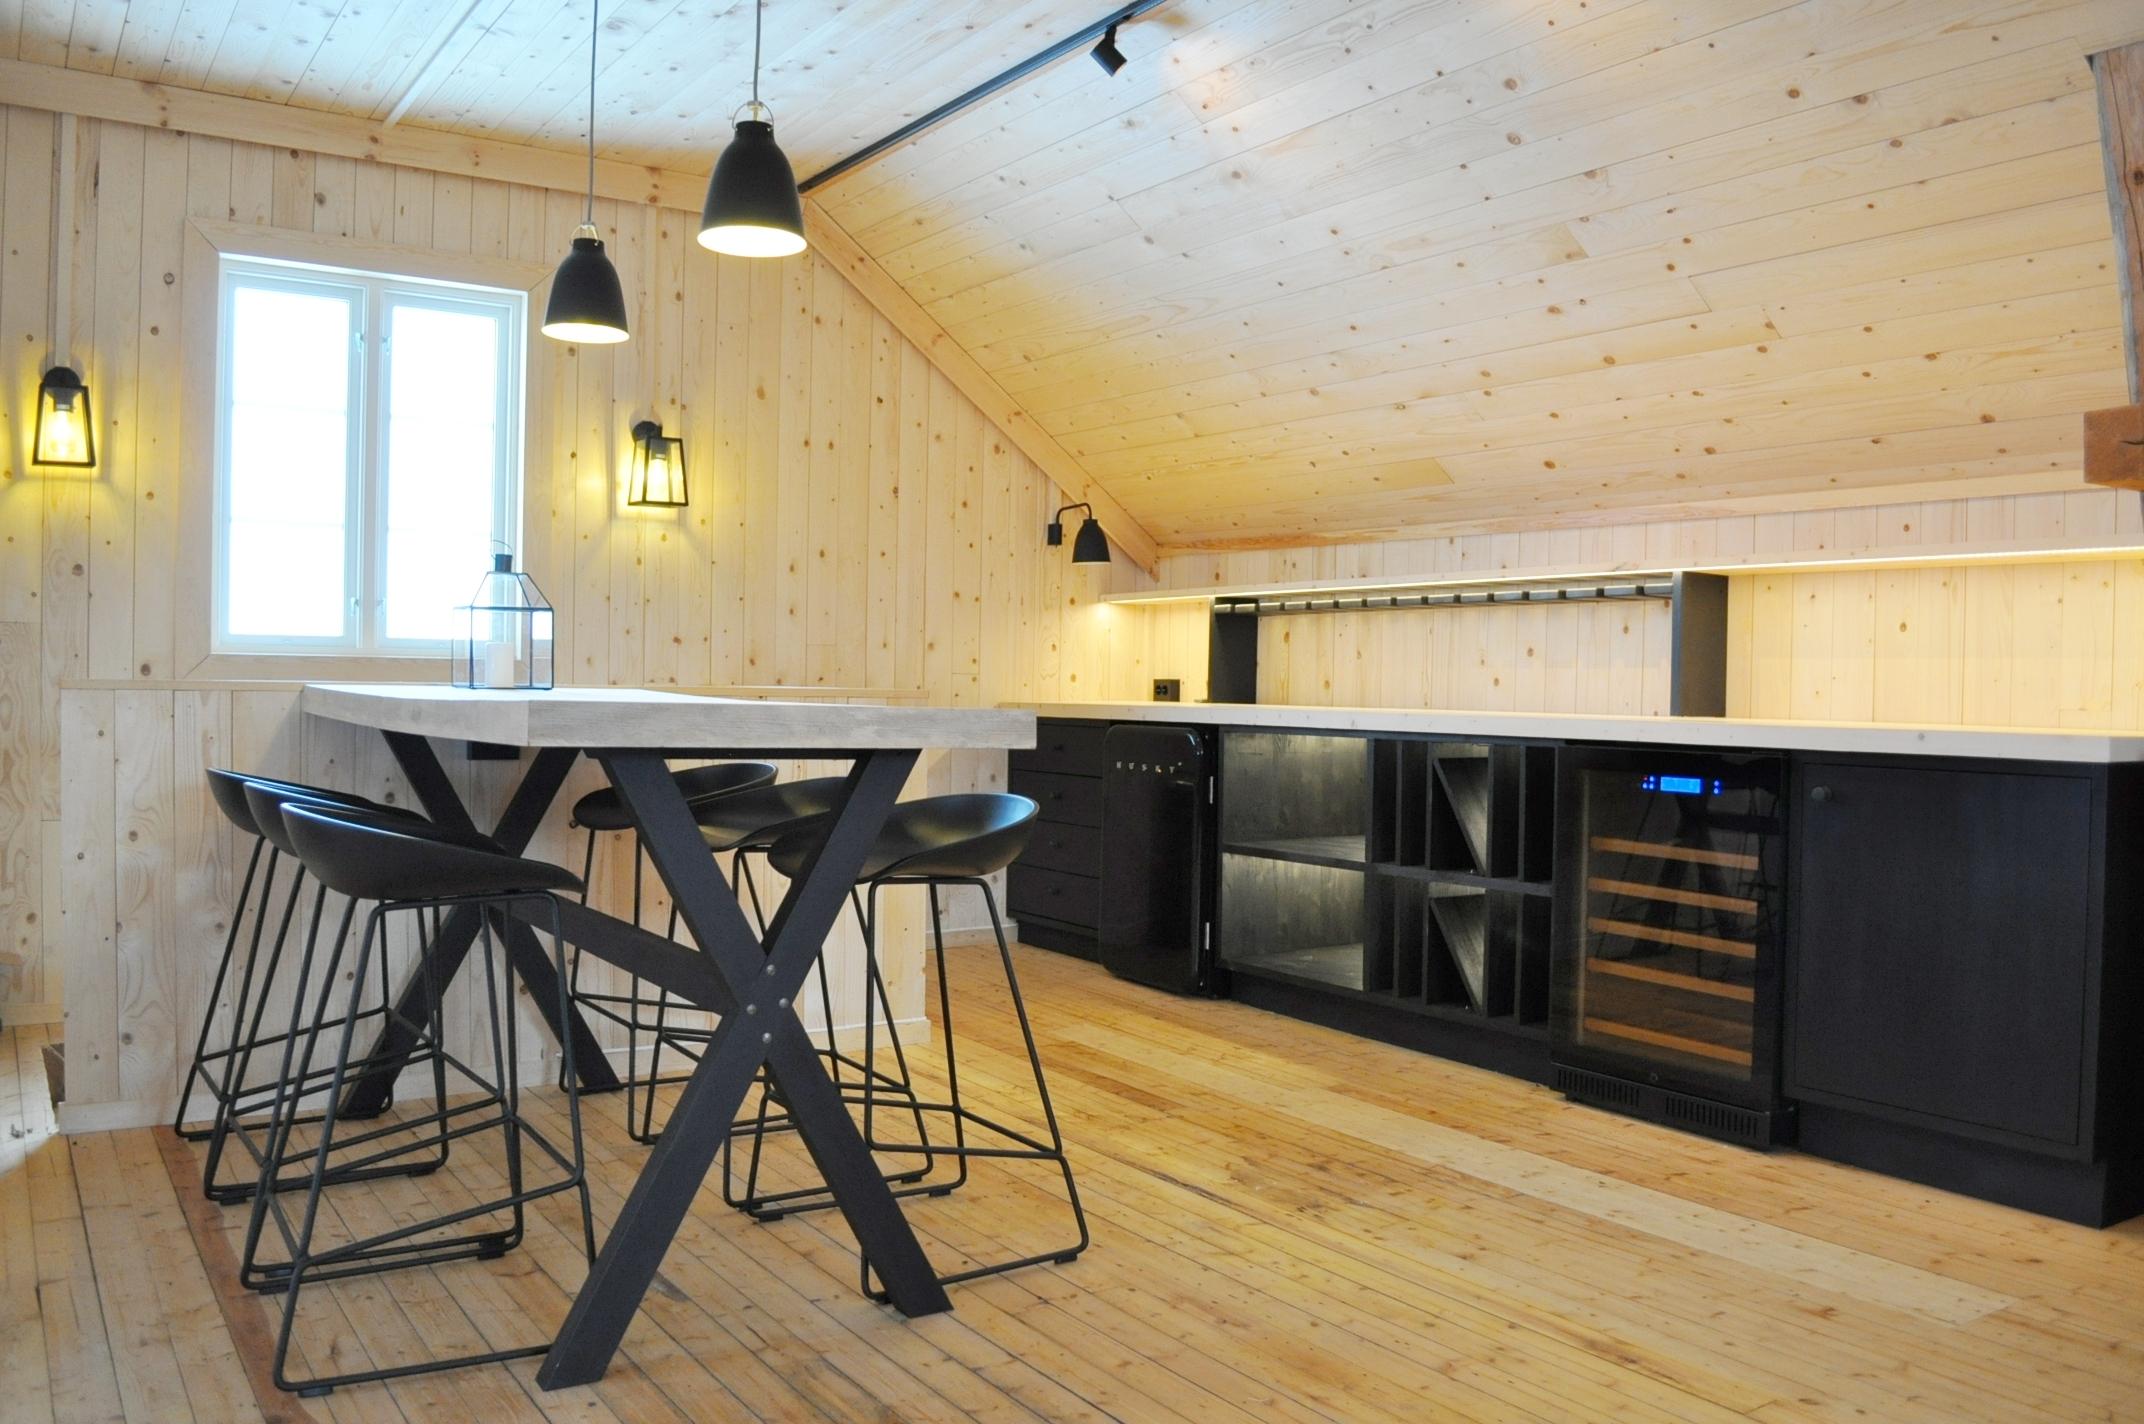 Allrom spiseplass kjøkken interiørarkitektur oslo.jpg